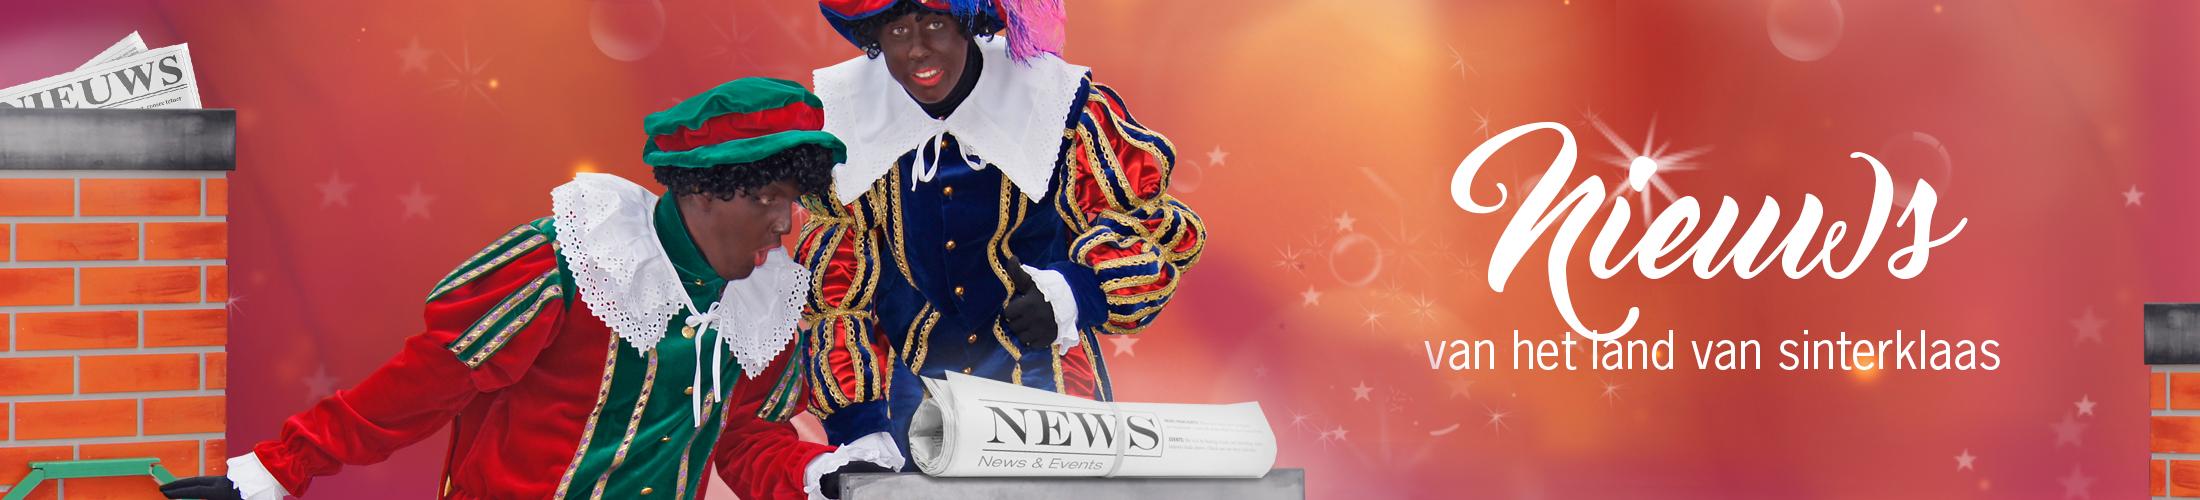 Het land van Sinterklaas nieuws zwart piet